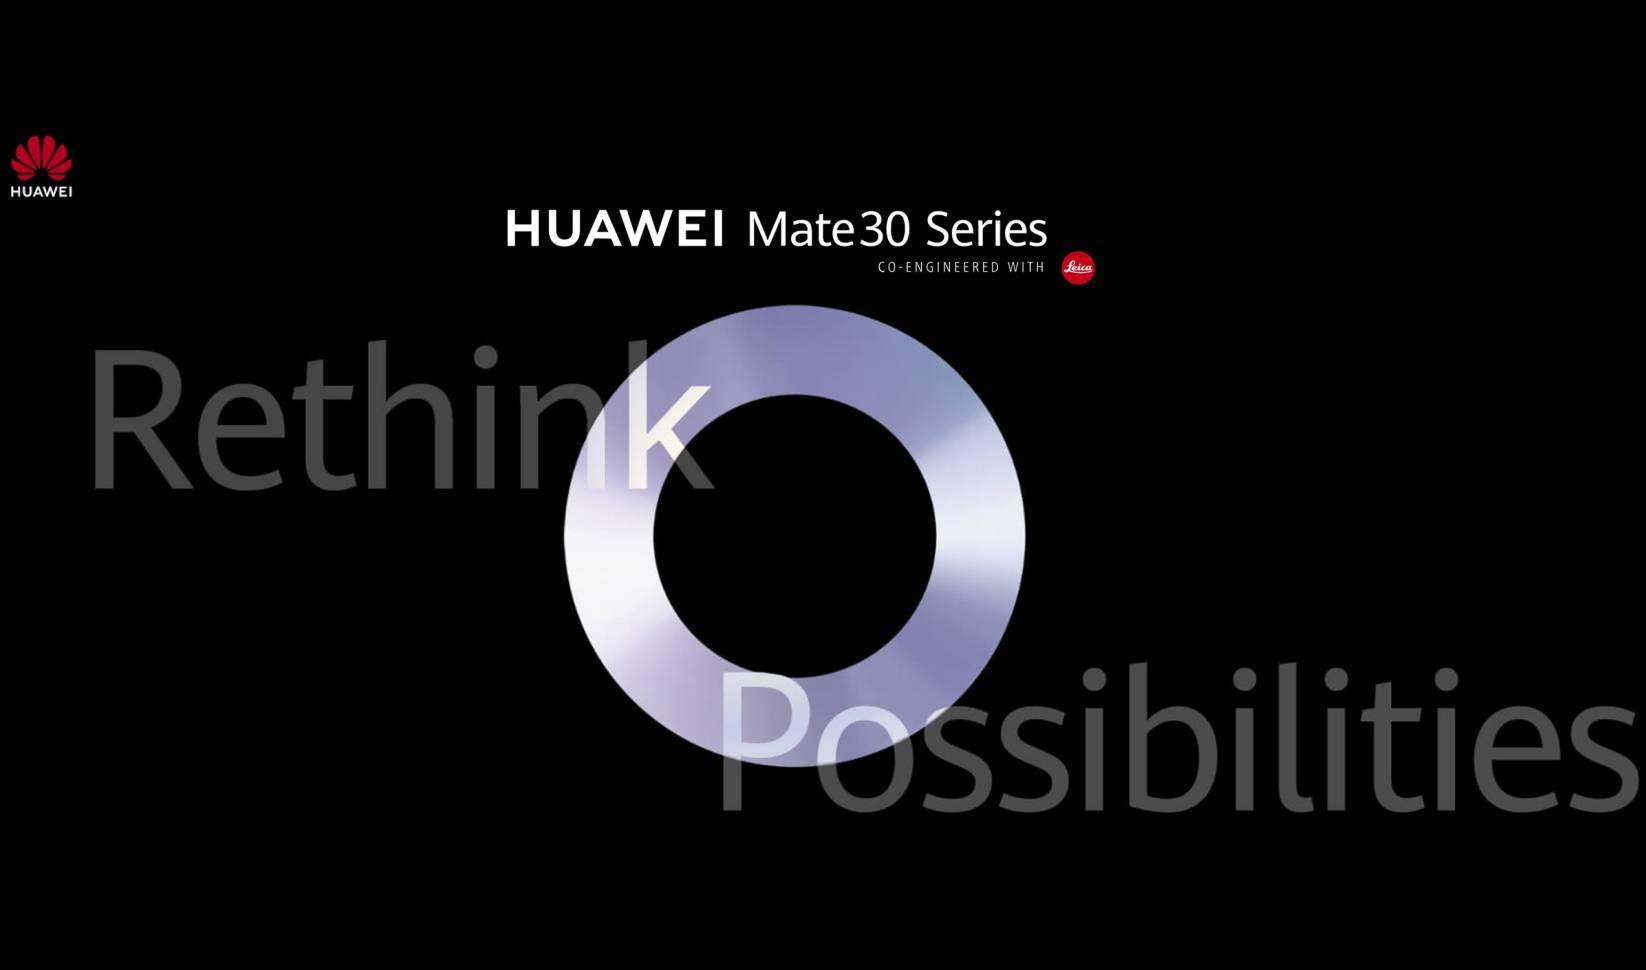 Huawei MATE 30 PRO DATA LANSARE